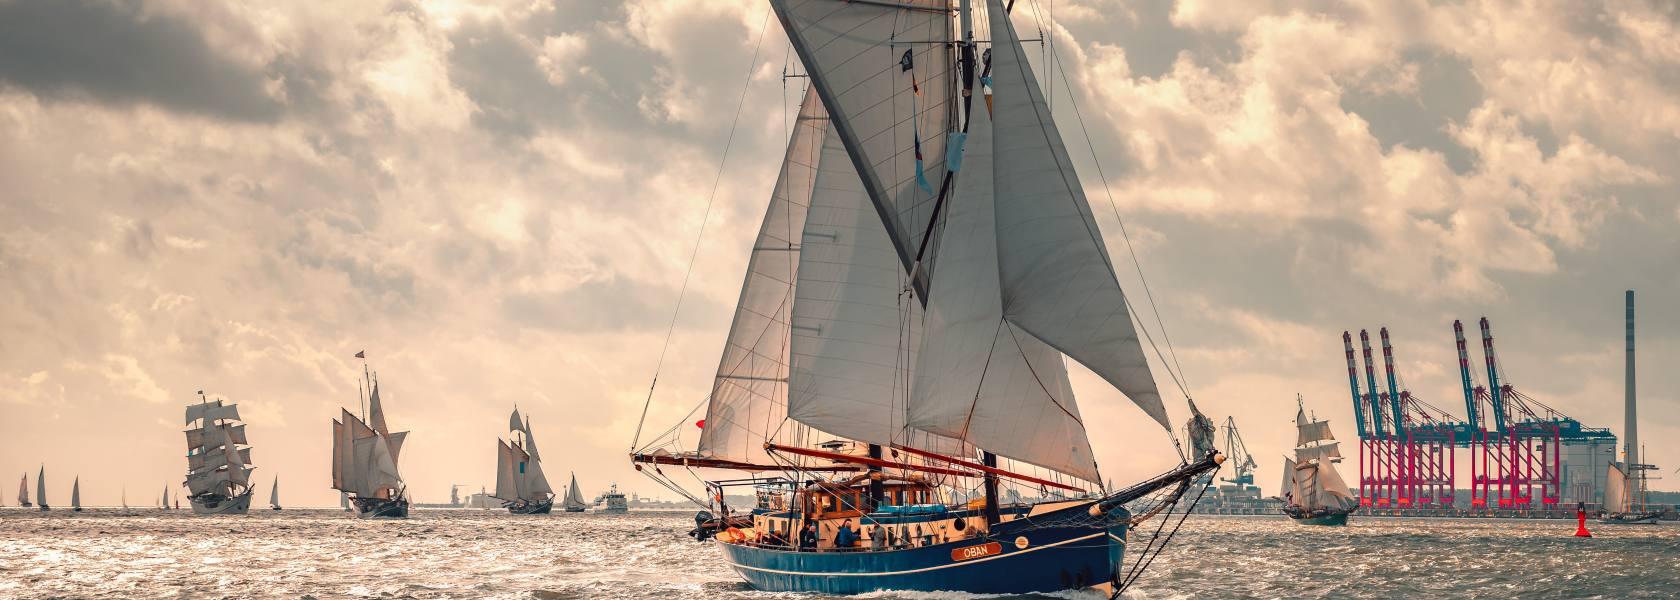 Sailing Cup WHV, © Rainer Ganske